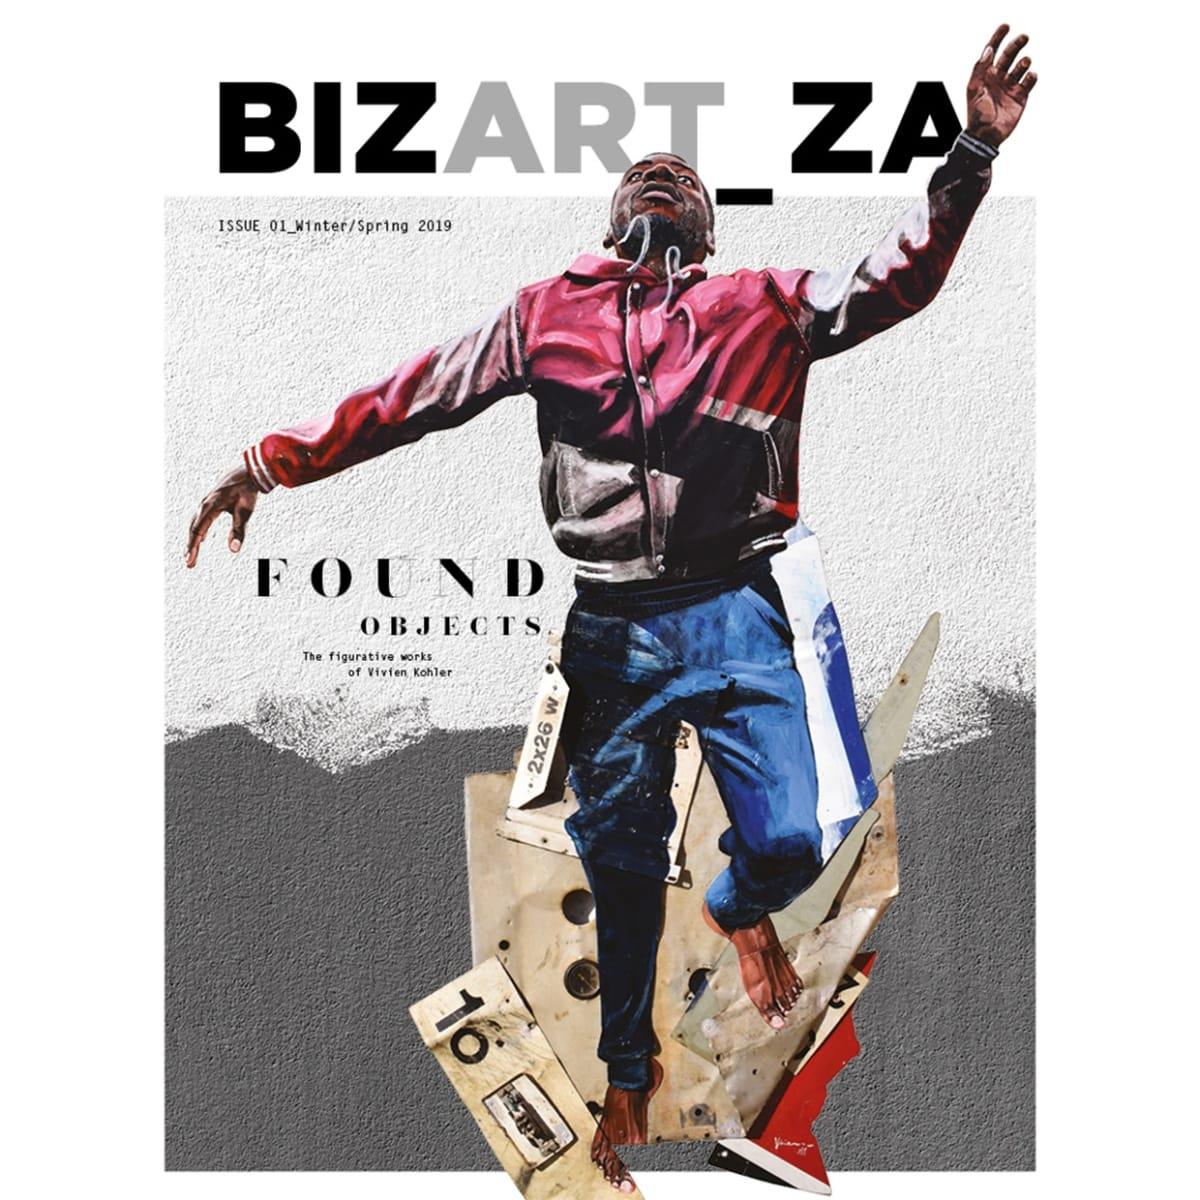 First Issue of BIZART_ZA Magazine features Vivien Kohler 'Found Objects'